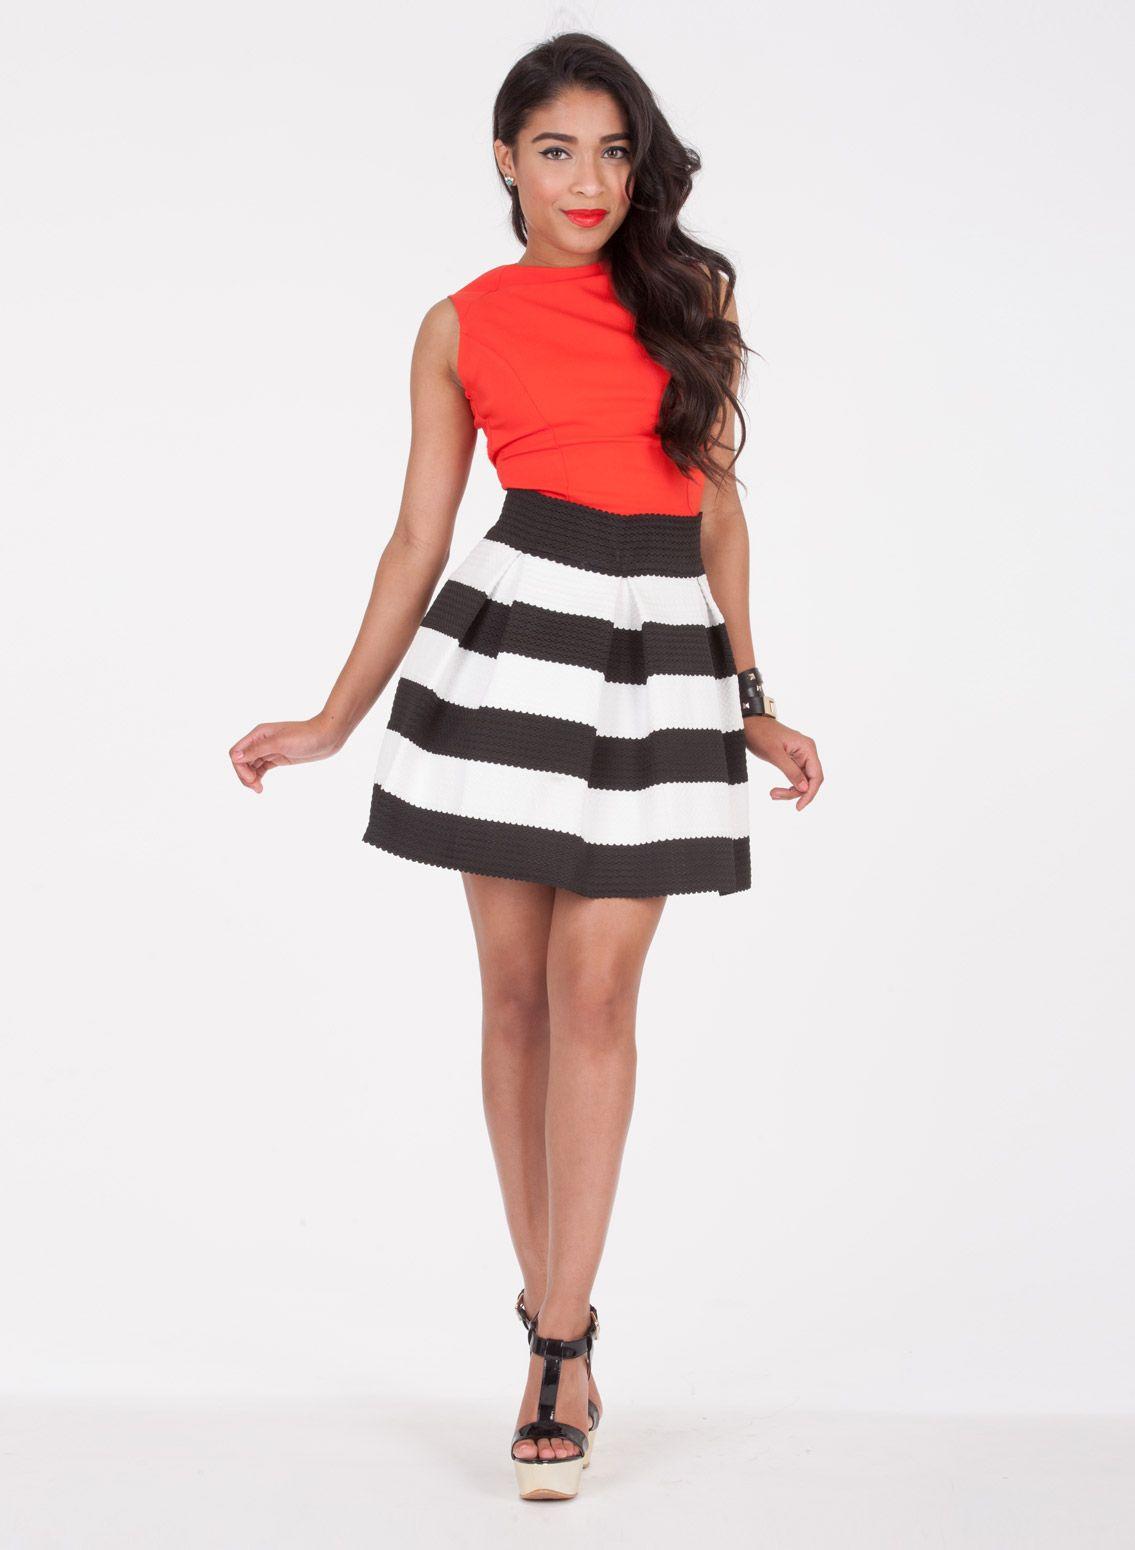 Black And White Skirt | Dress Journal | Black and White Skirt ...